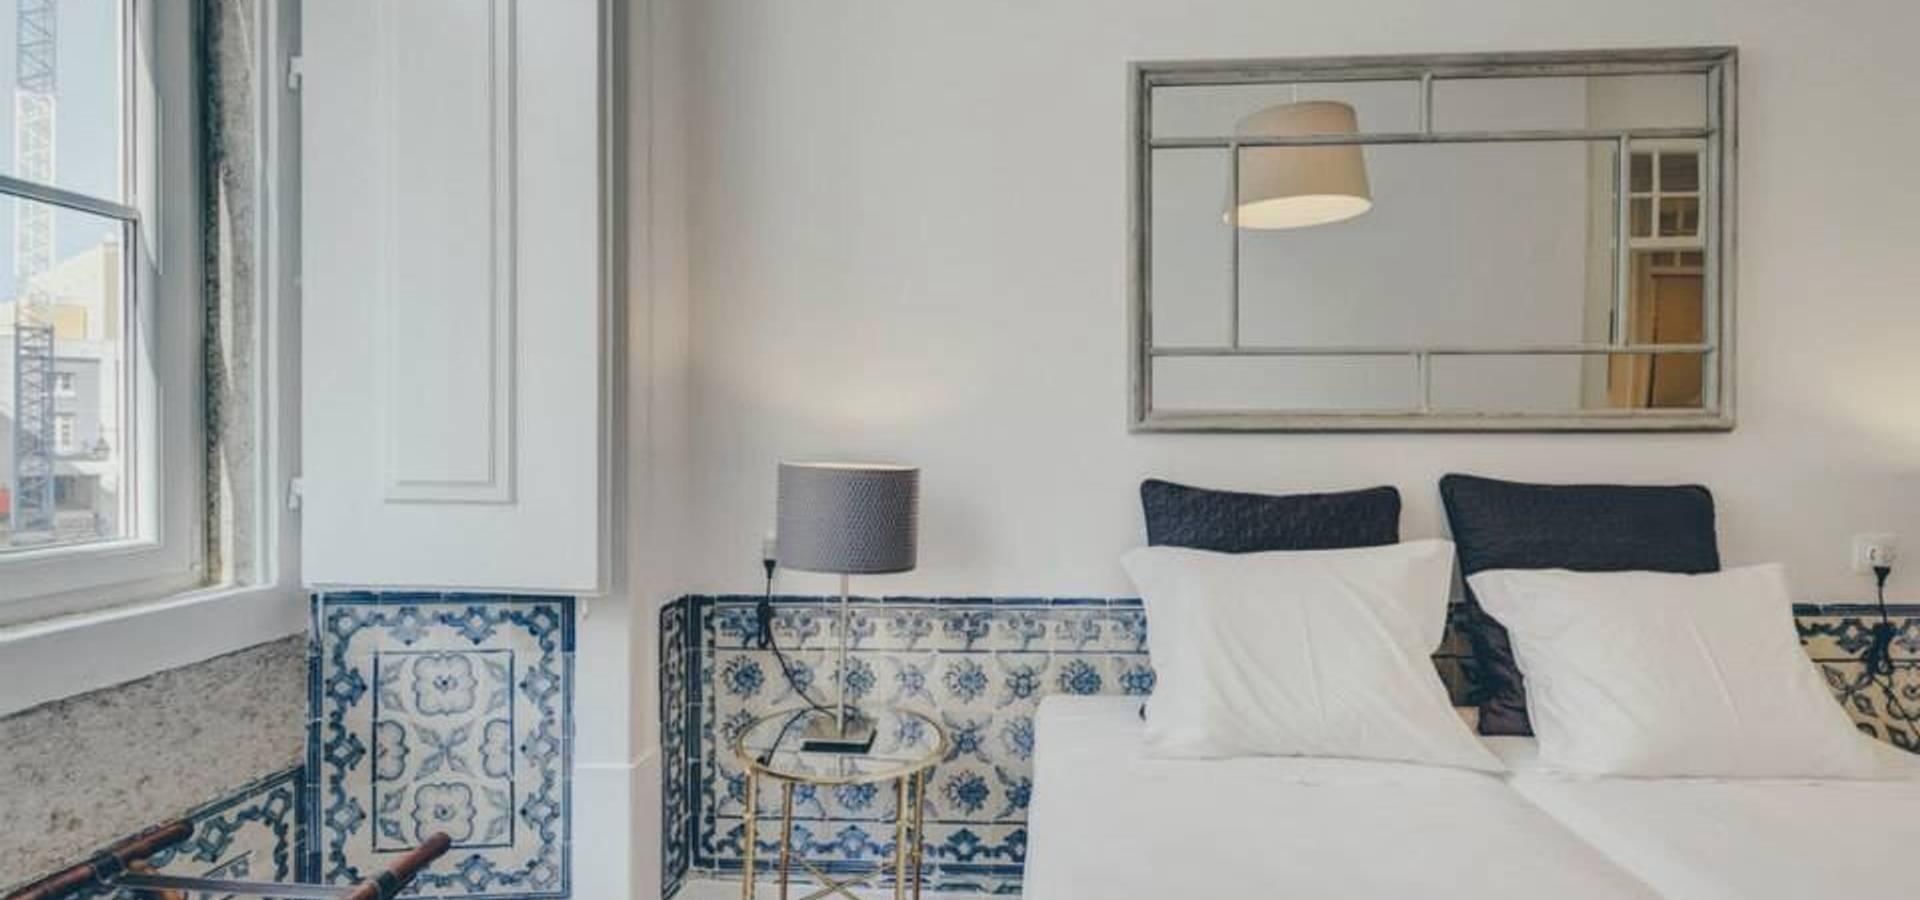 Obrasdecor decoradores de interiores em lisboa homify for Decoradores de casas interiores